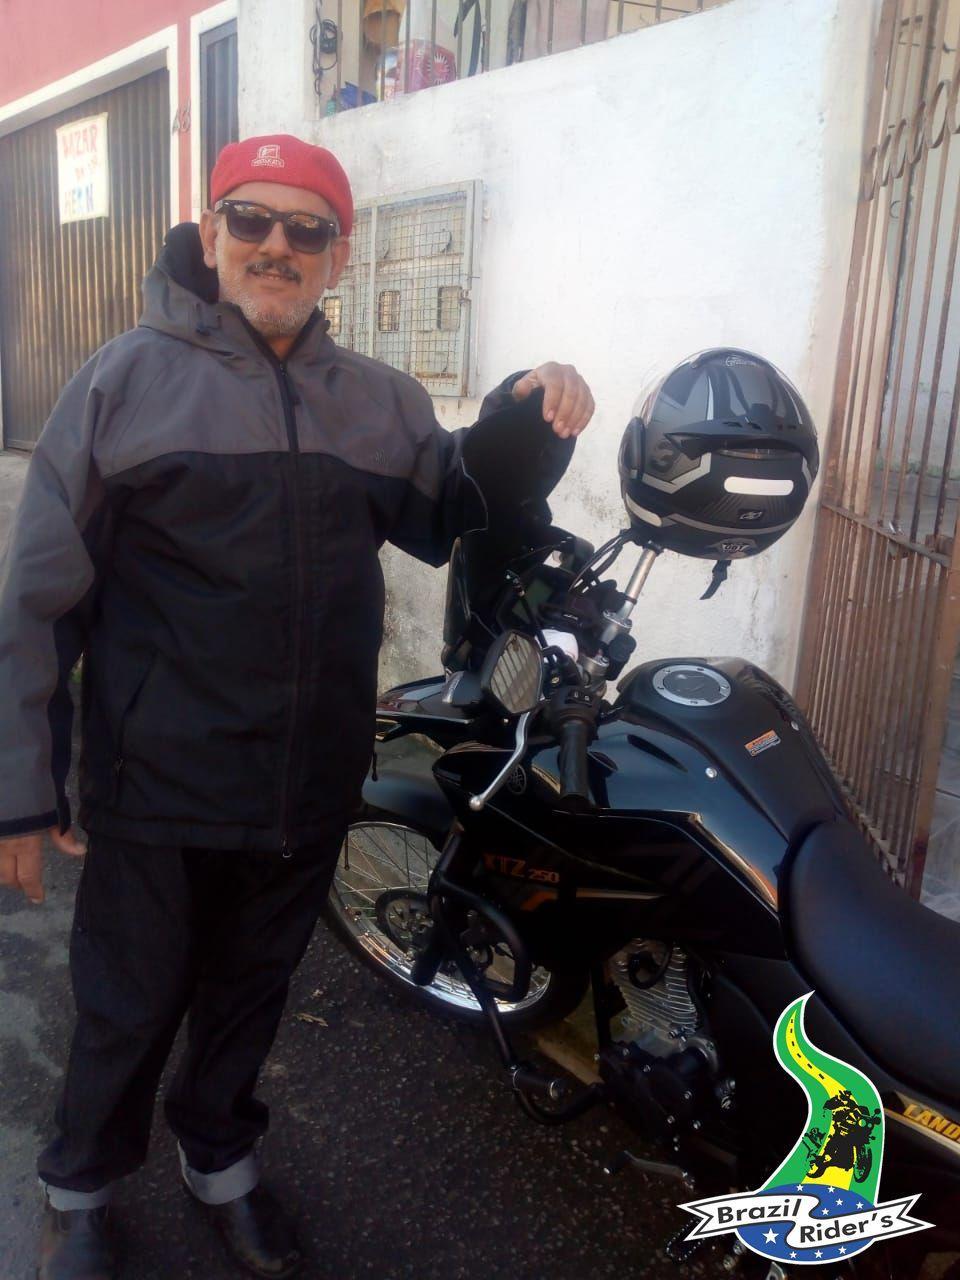 Obrigado por terem me aceitado no Brazil riders. E agradecer também ao Barbosinha por me oferecer essa oportunidade!